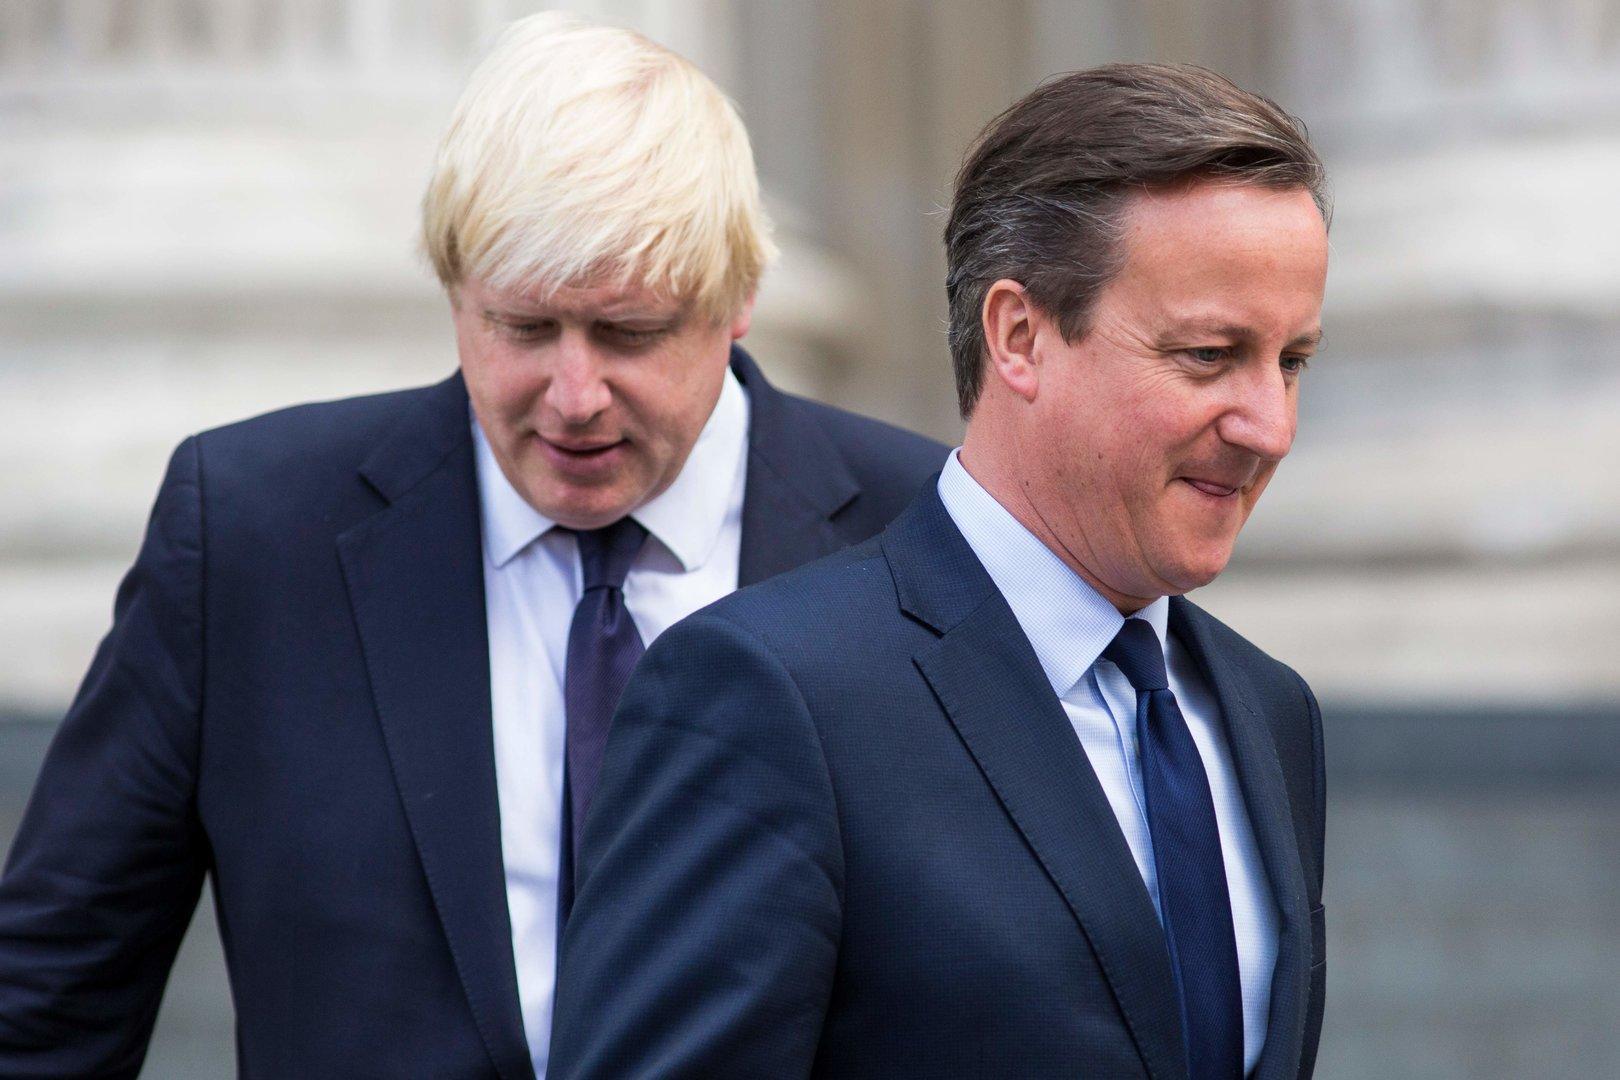 Lobby-Skandal: Die peinliche Rückkehr des David Cameron